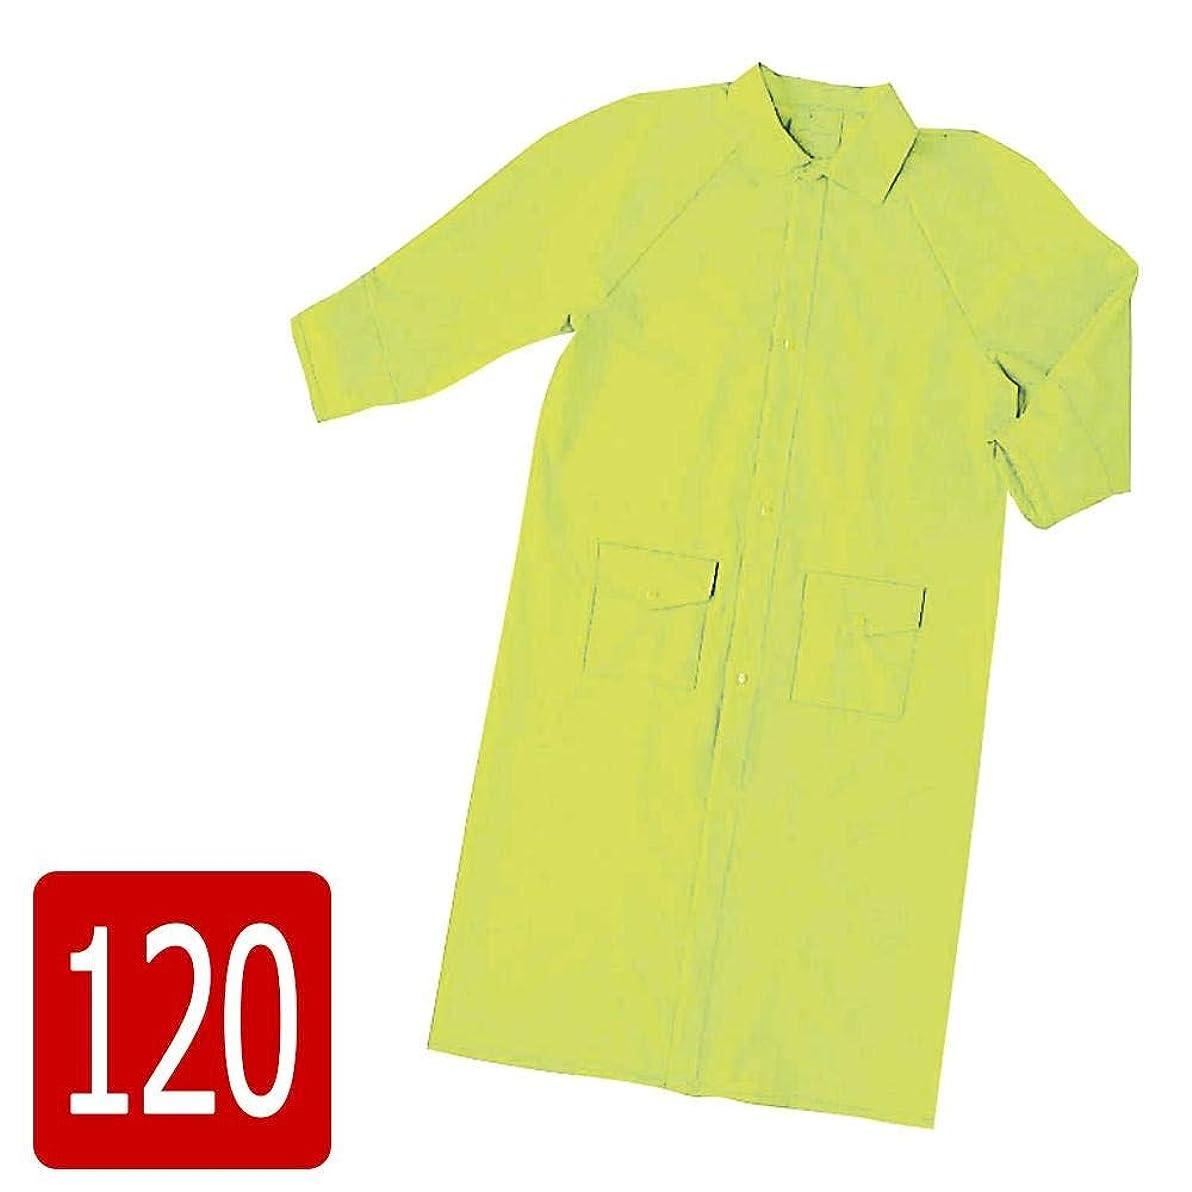 リダクターエイリアステンポスミクラ レインウェア EVA レインコート ライトグリーン 120